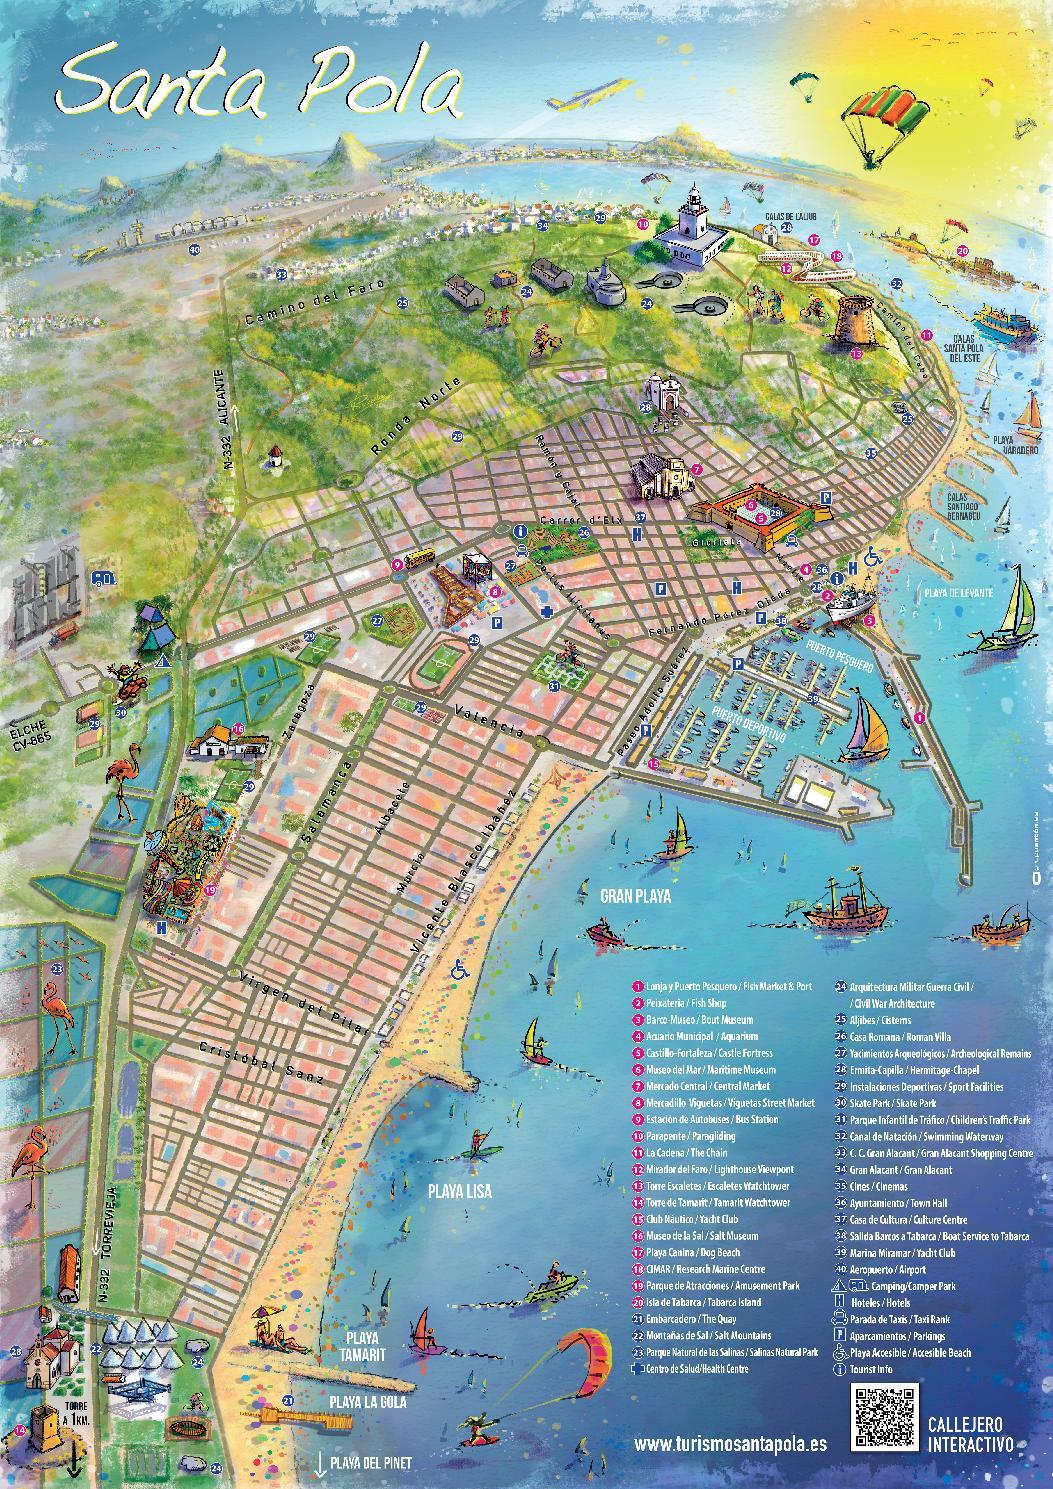 Mapa De Santa Pola.Mapa Turistico Ilustrado Santa Pola By Santa Pola Turismo